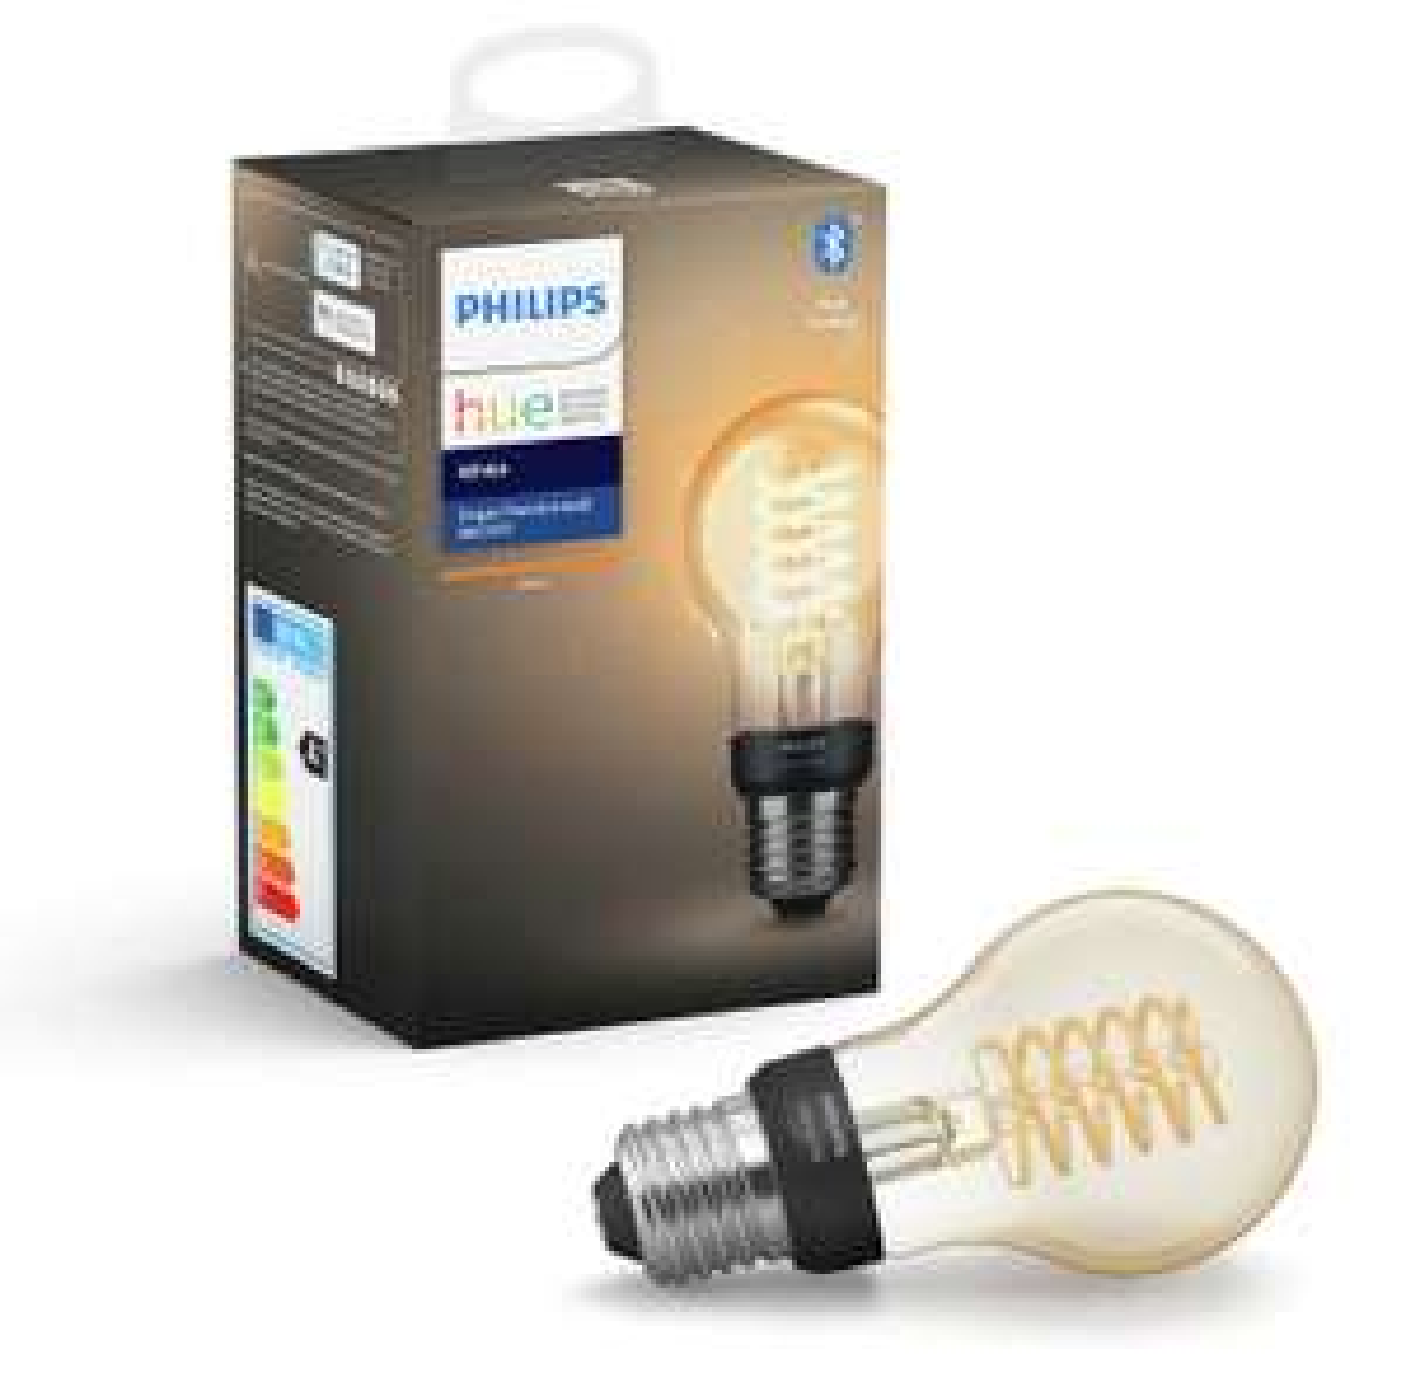 Philips Hue E27 White Smart Filament Bulb with Bluetooth £17.99 Argos